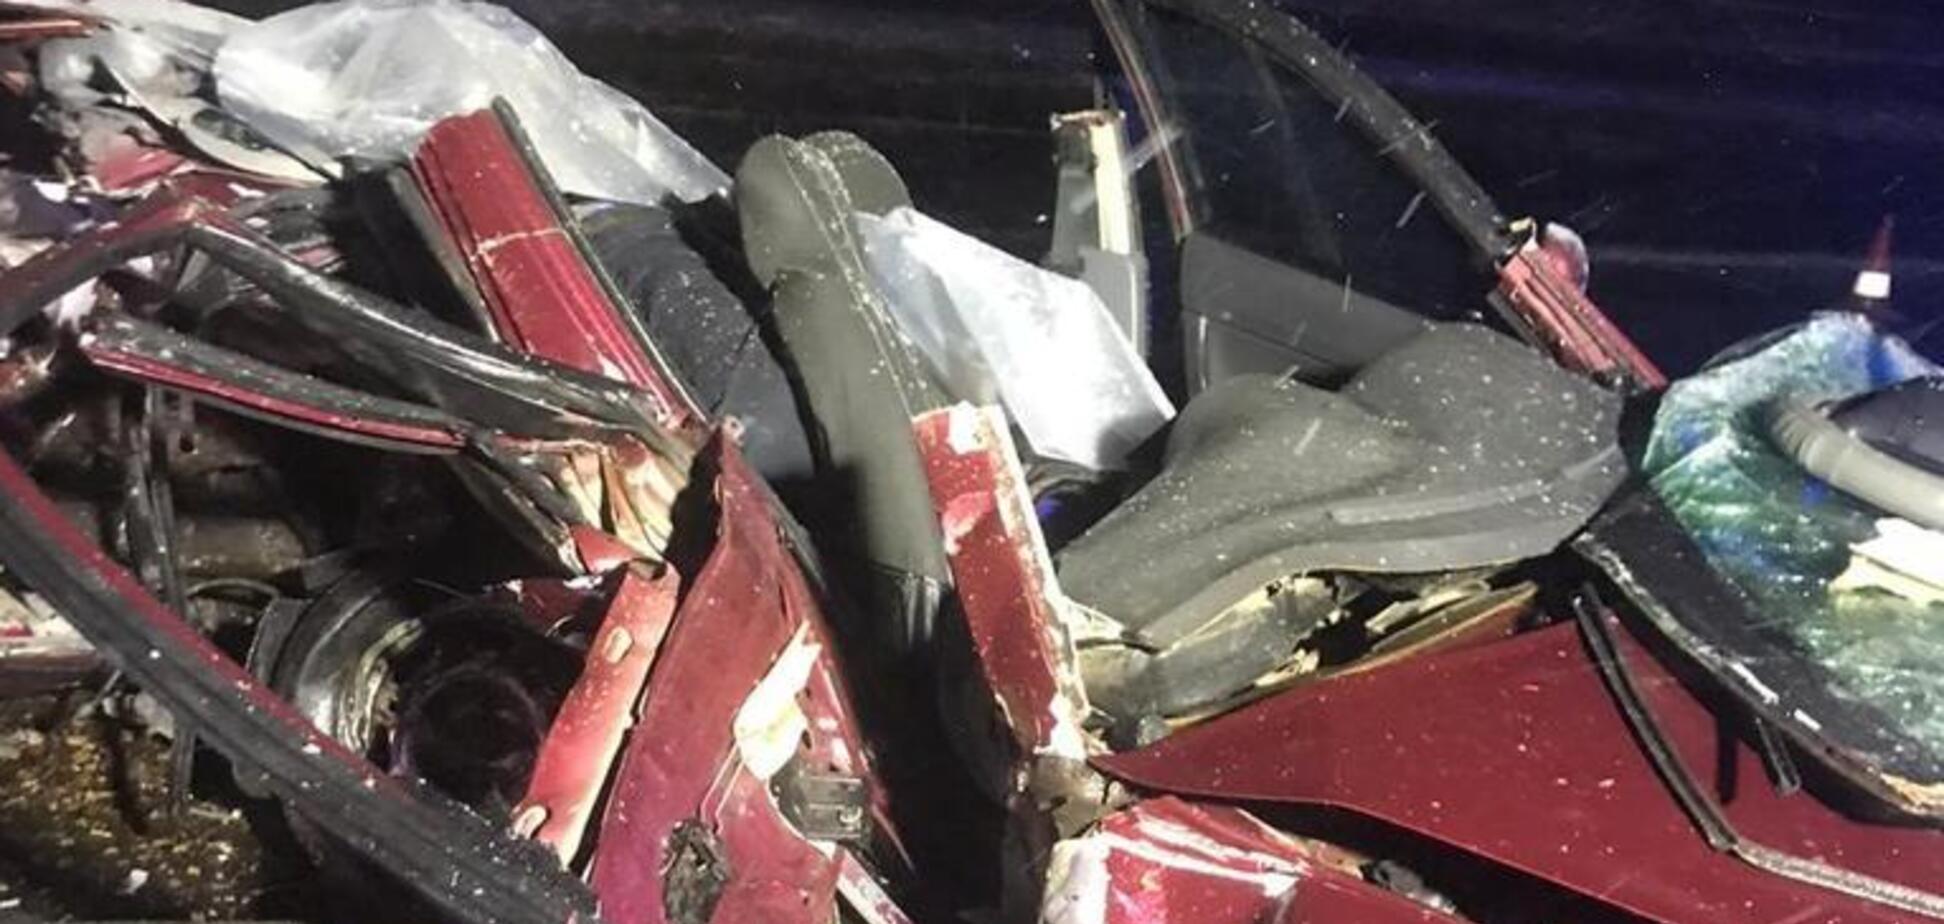 На трассе под Харьковом погибли 5 человек: фото с места жуткого ДТП